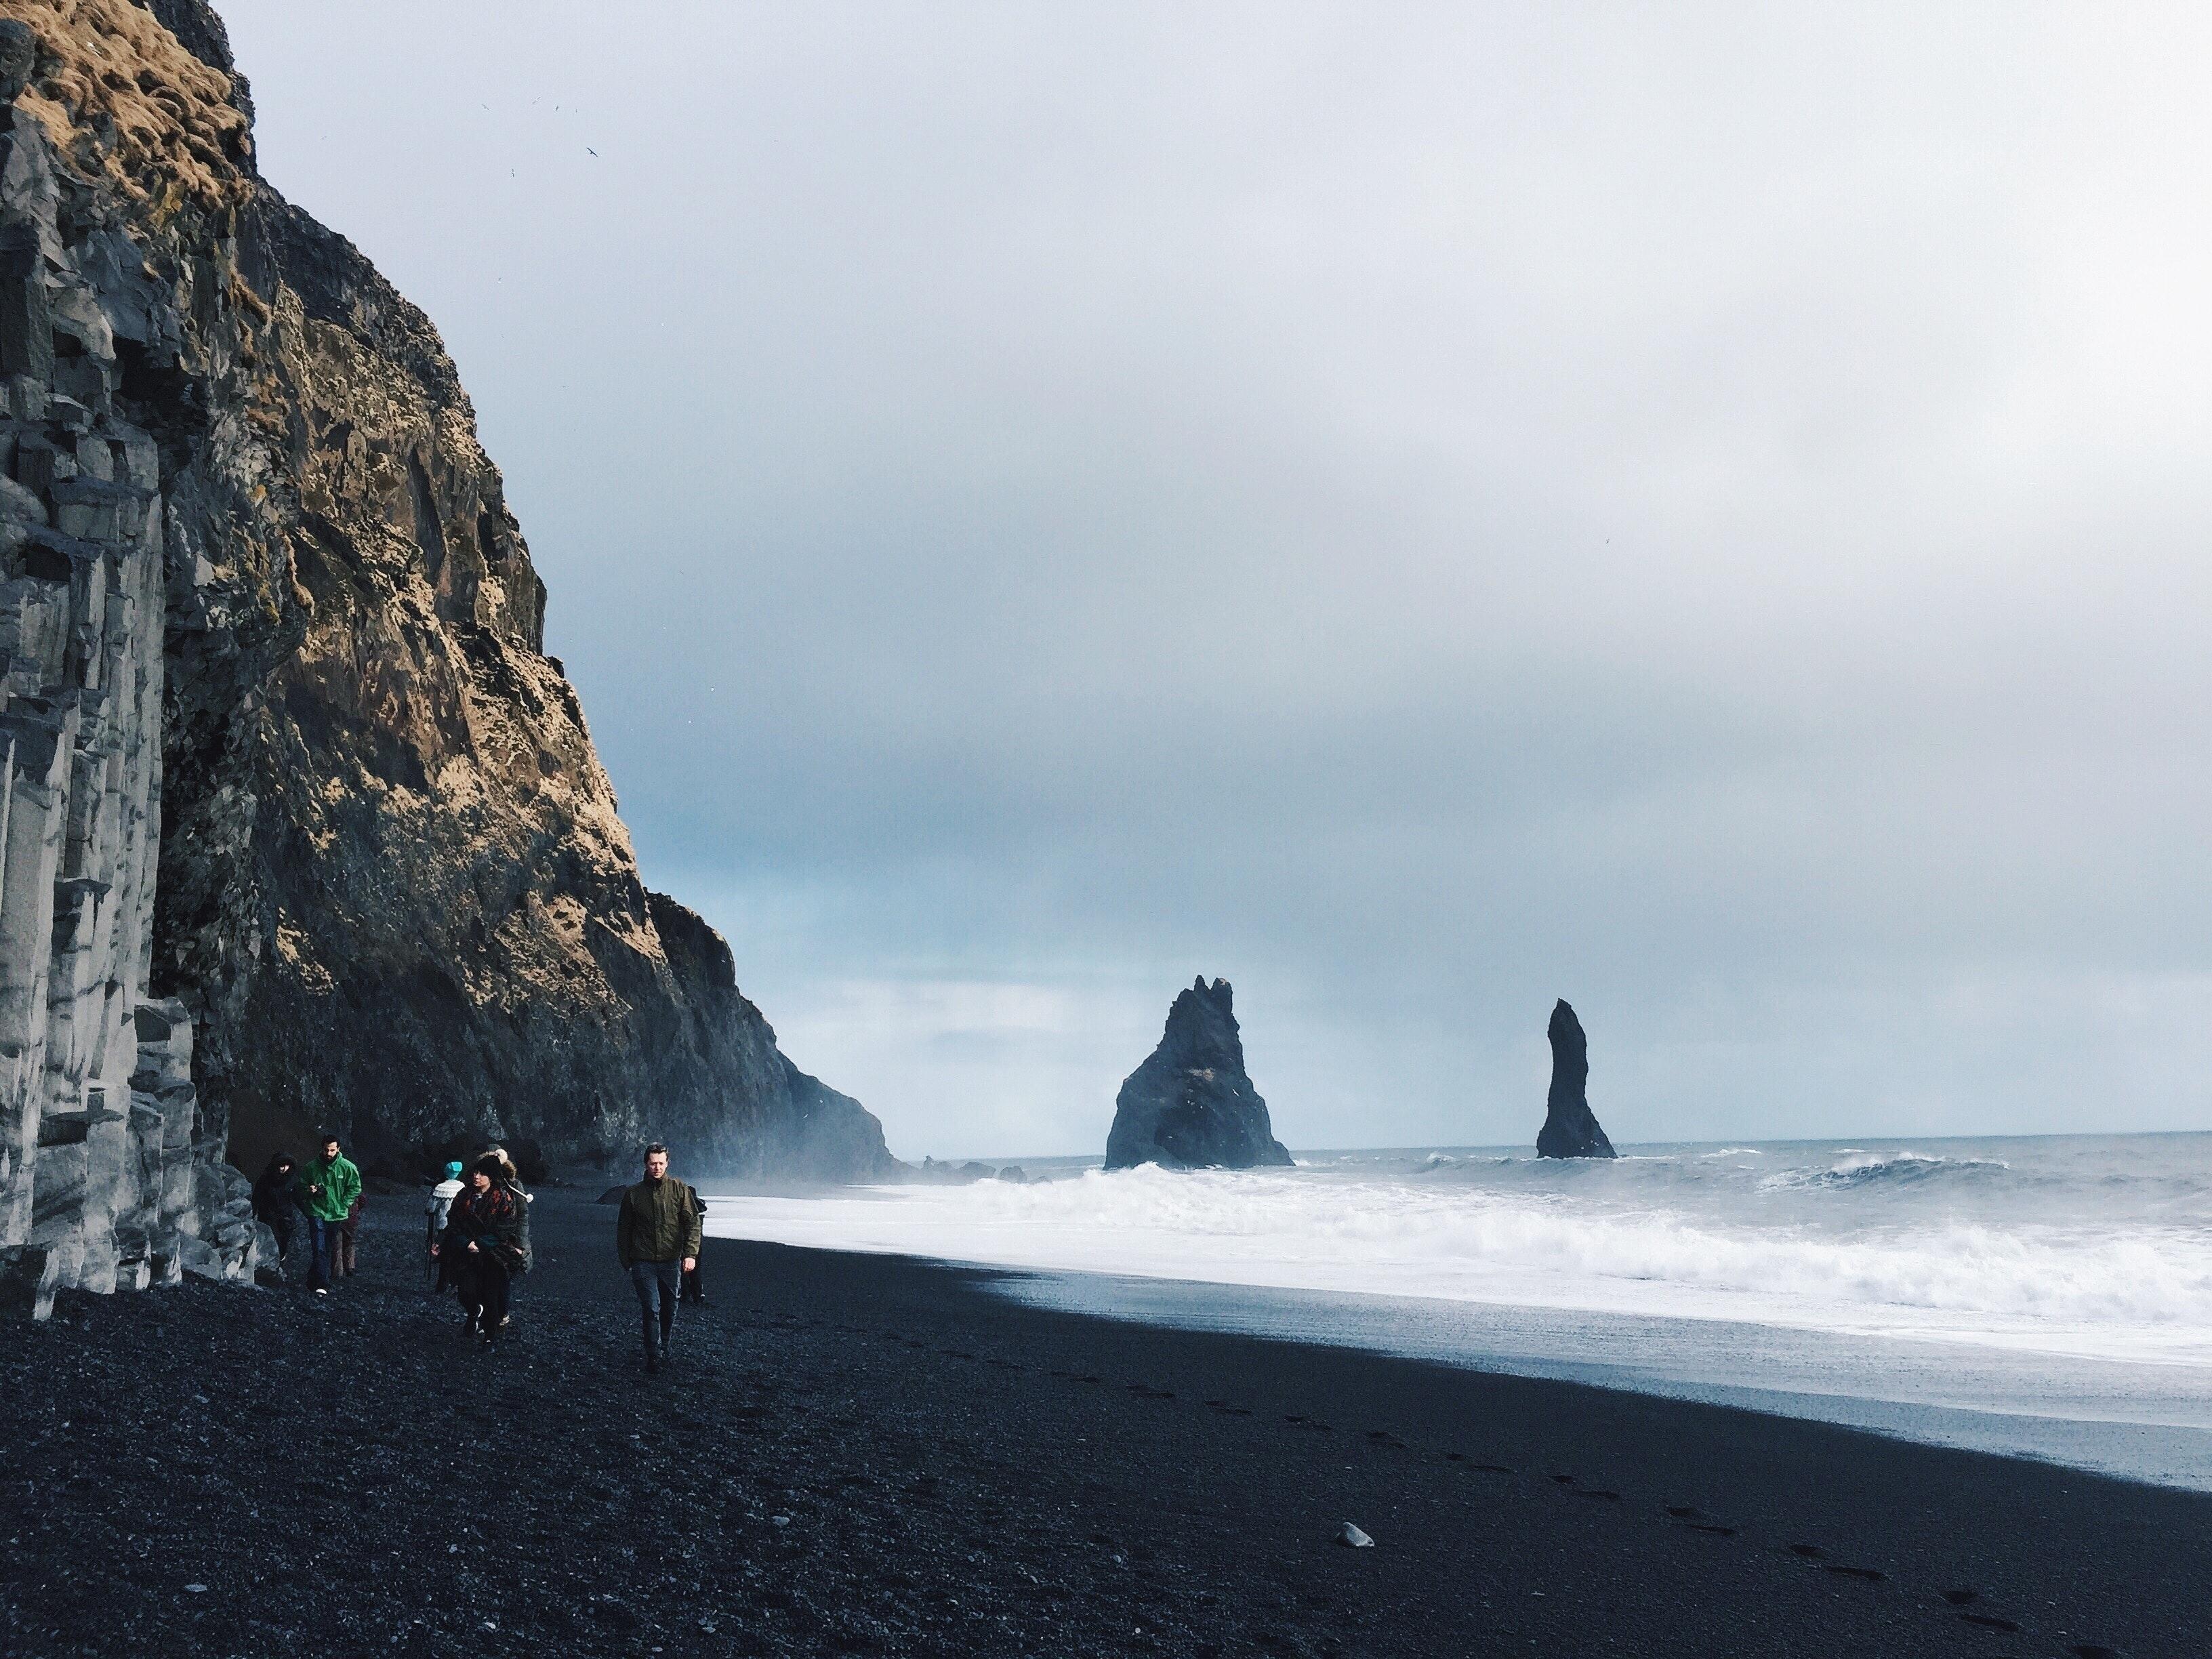 冰岛维克镇黑沙滩